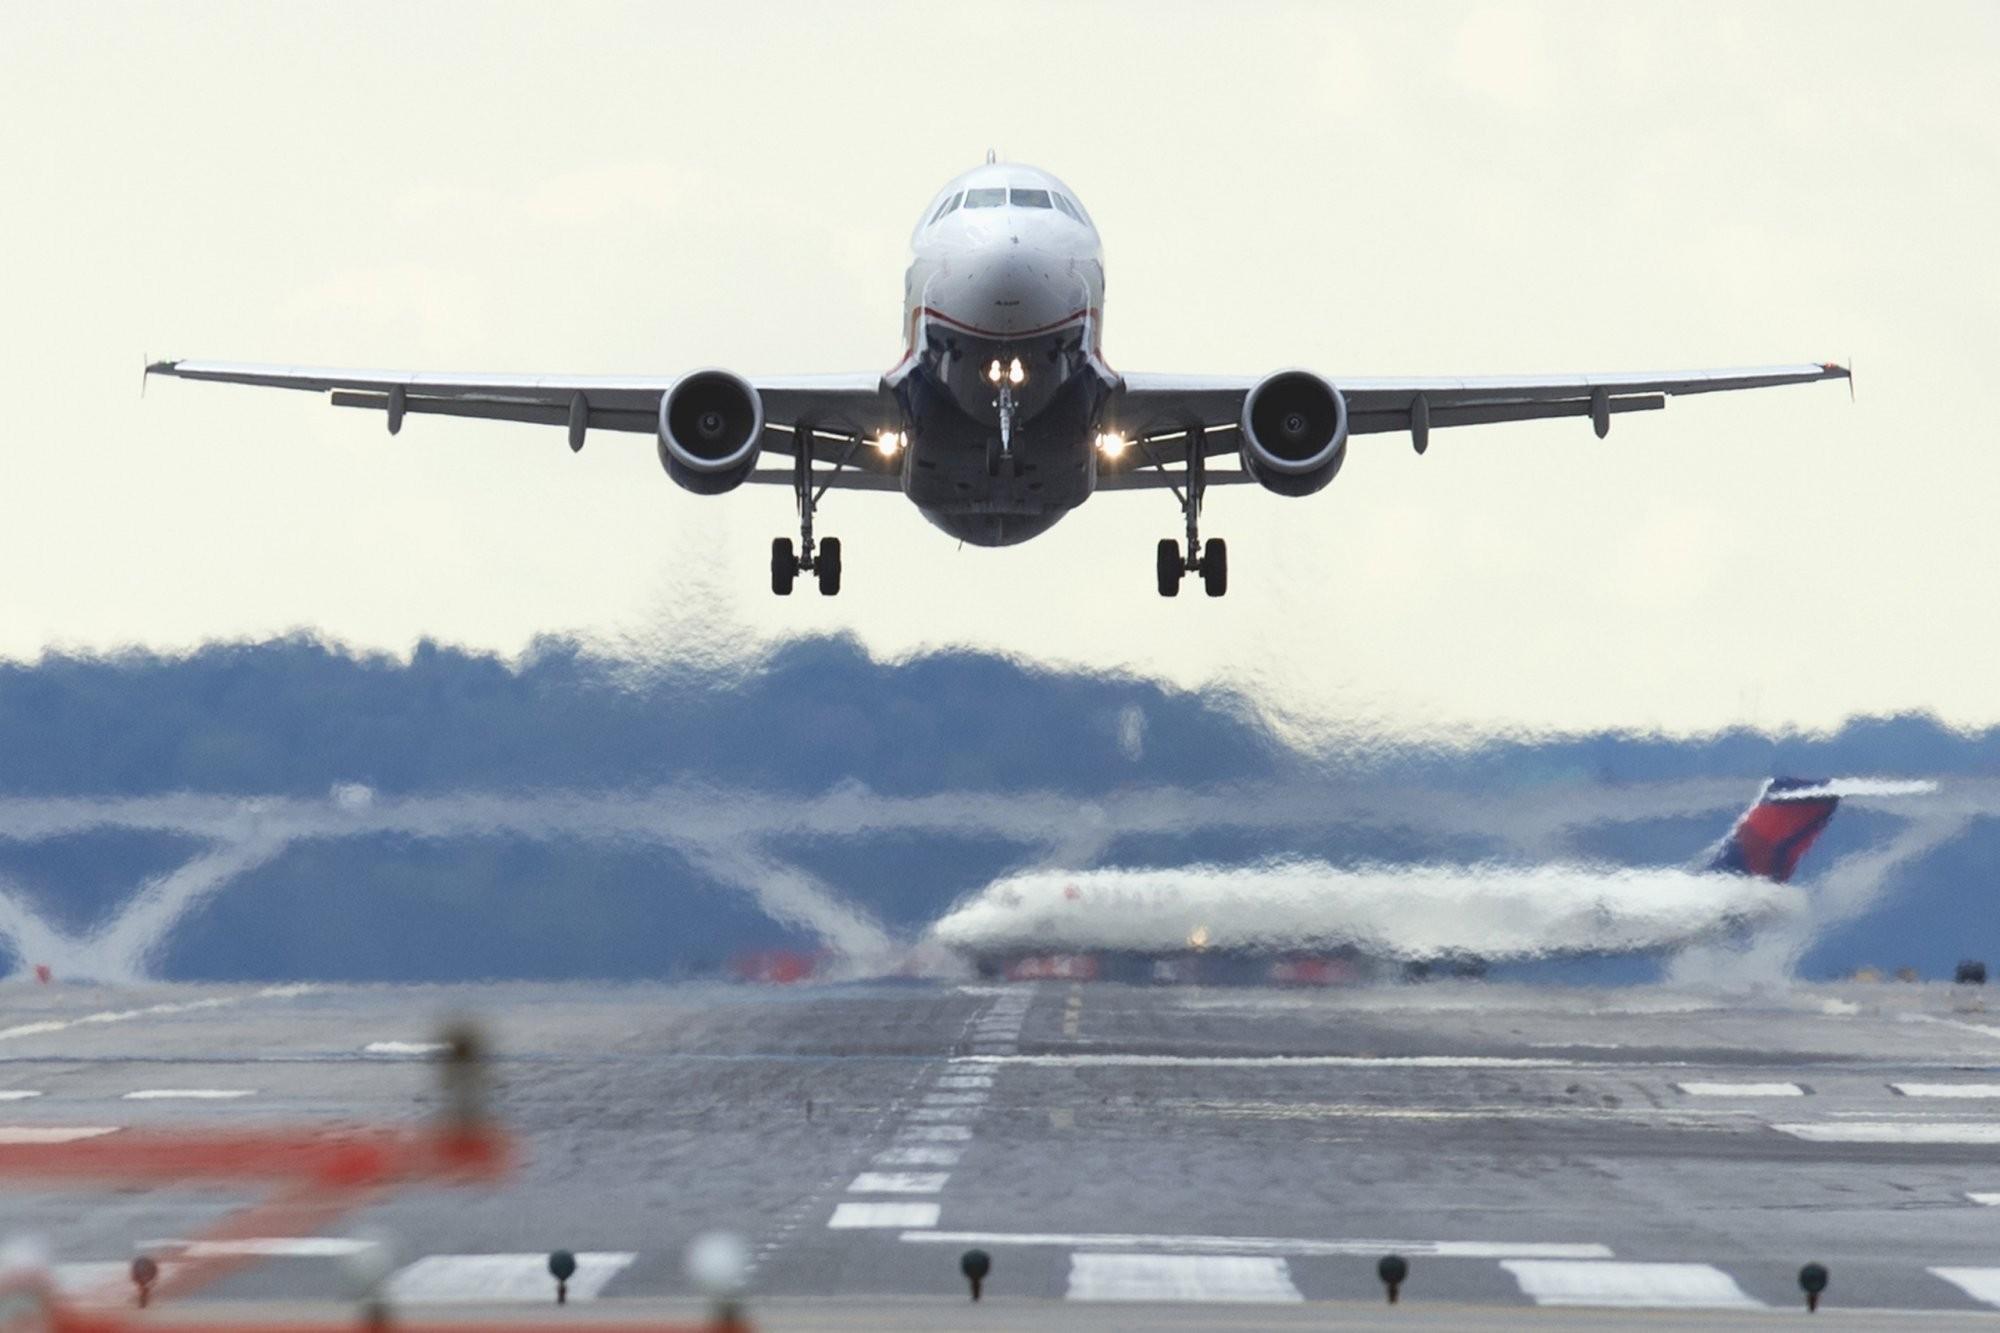 фото пассажирского самолета идет на посадку донная